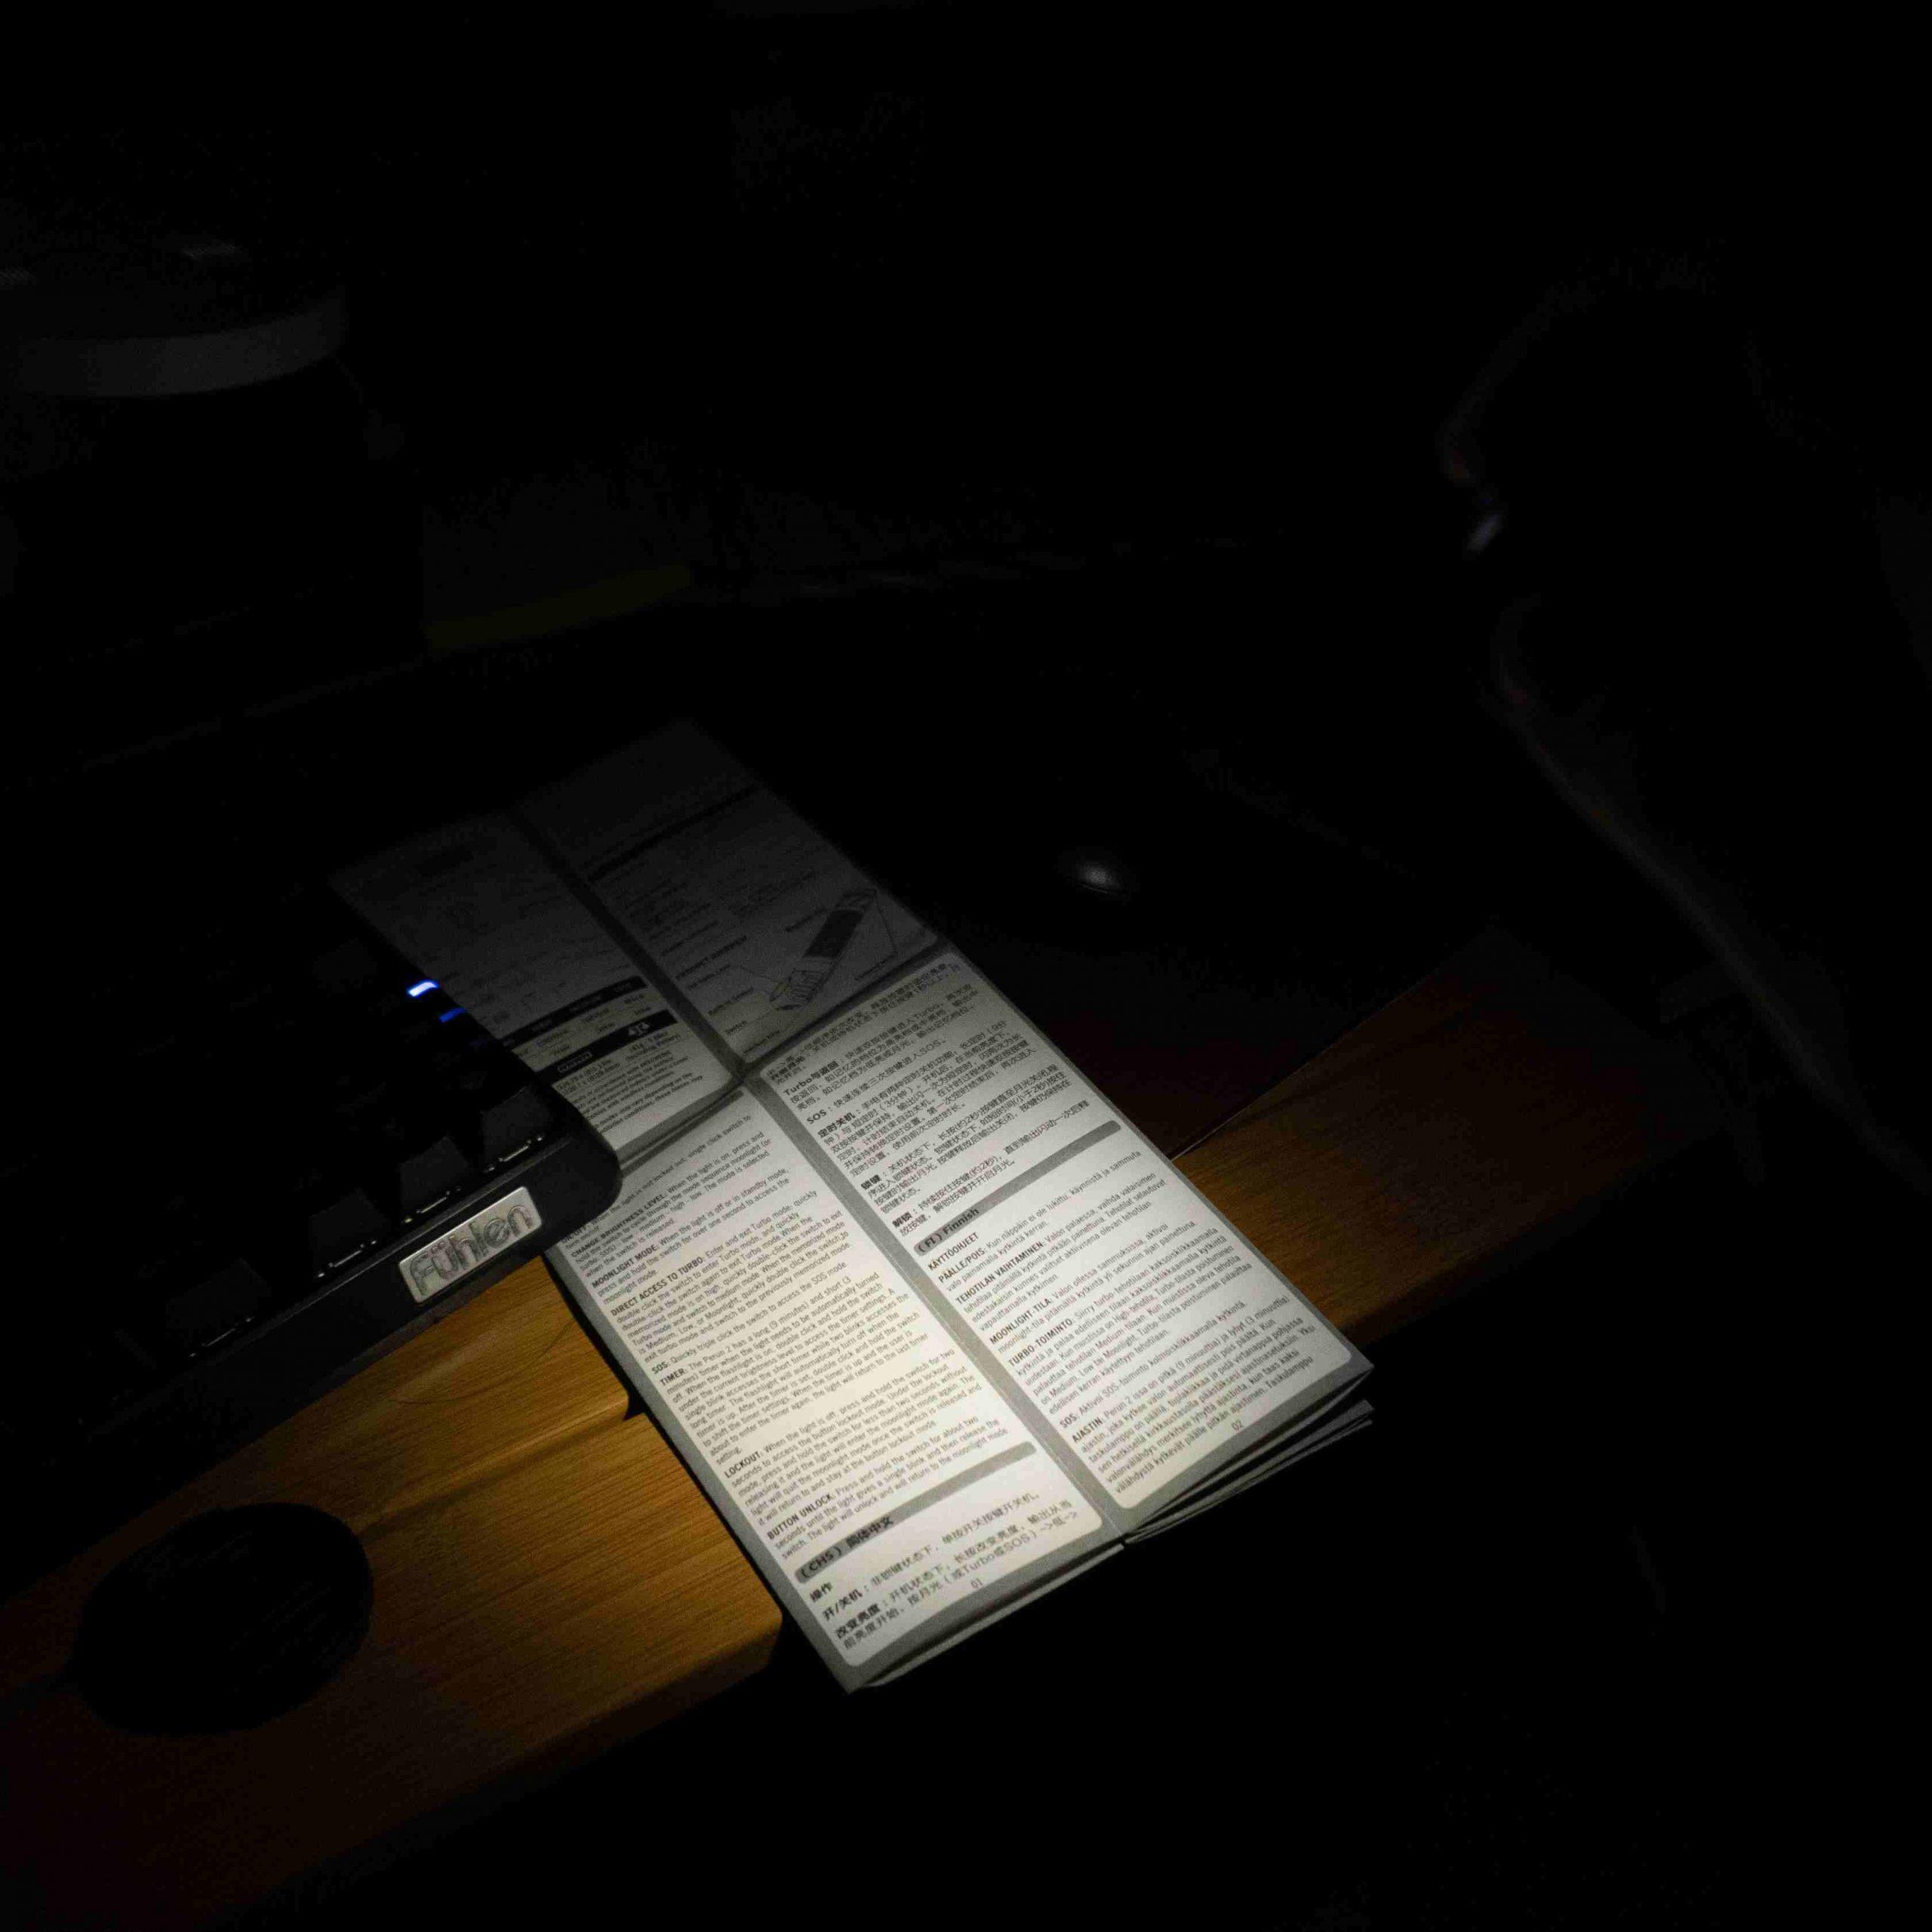 Chế độ Moonlight 5 lumens. Thời lượng lên đến hơn 12 ngày.